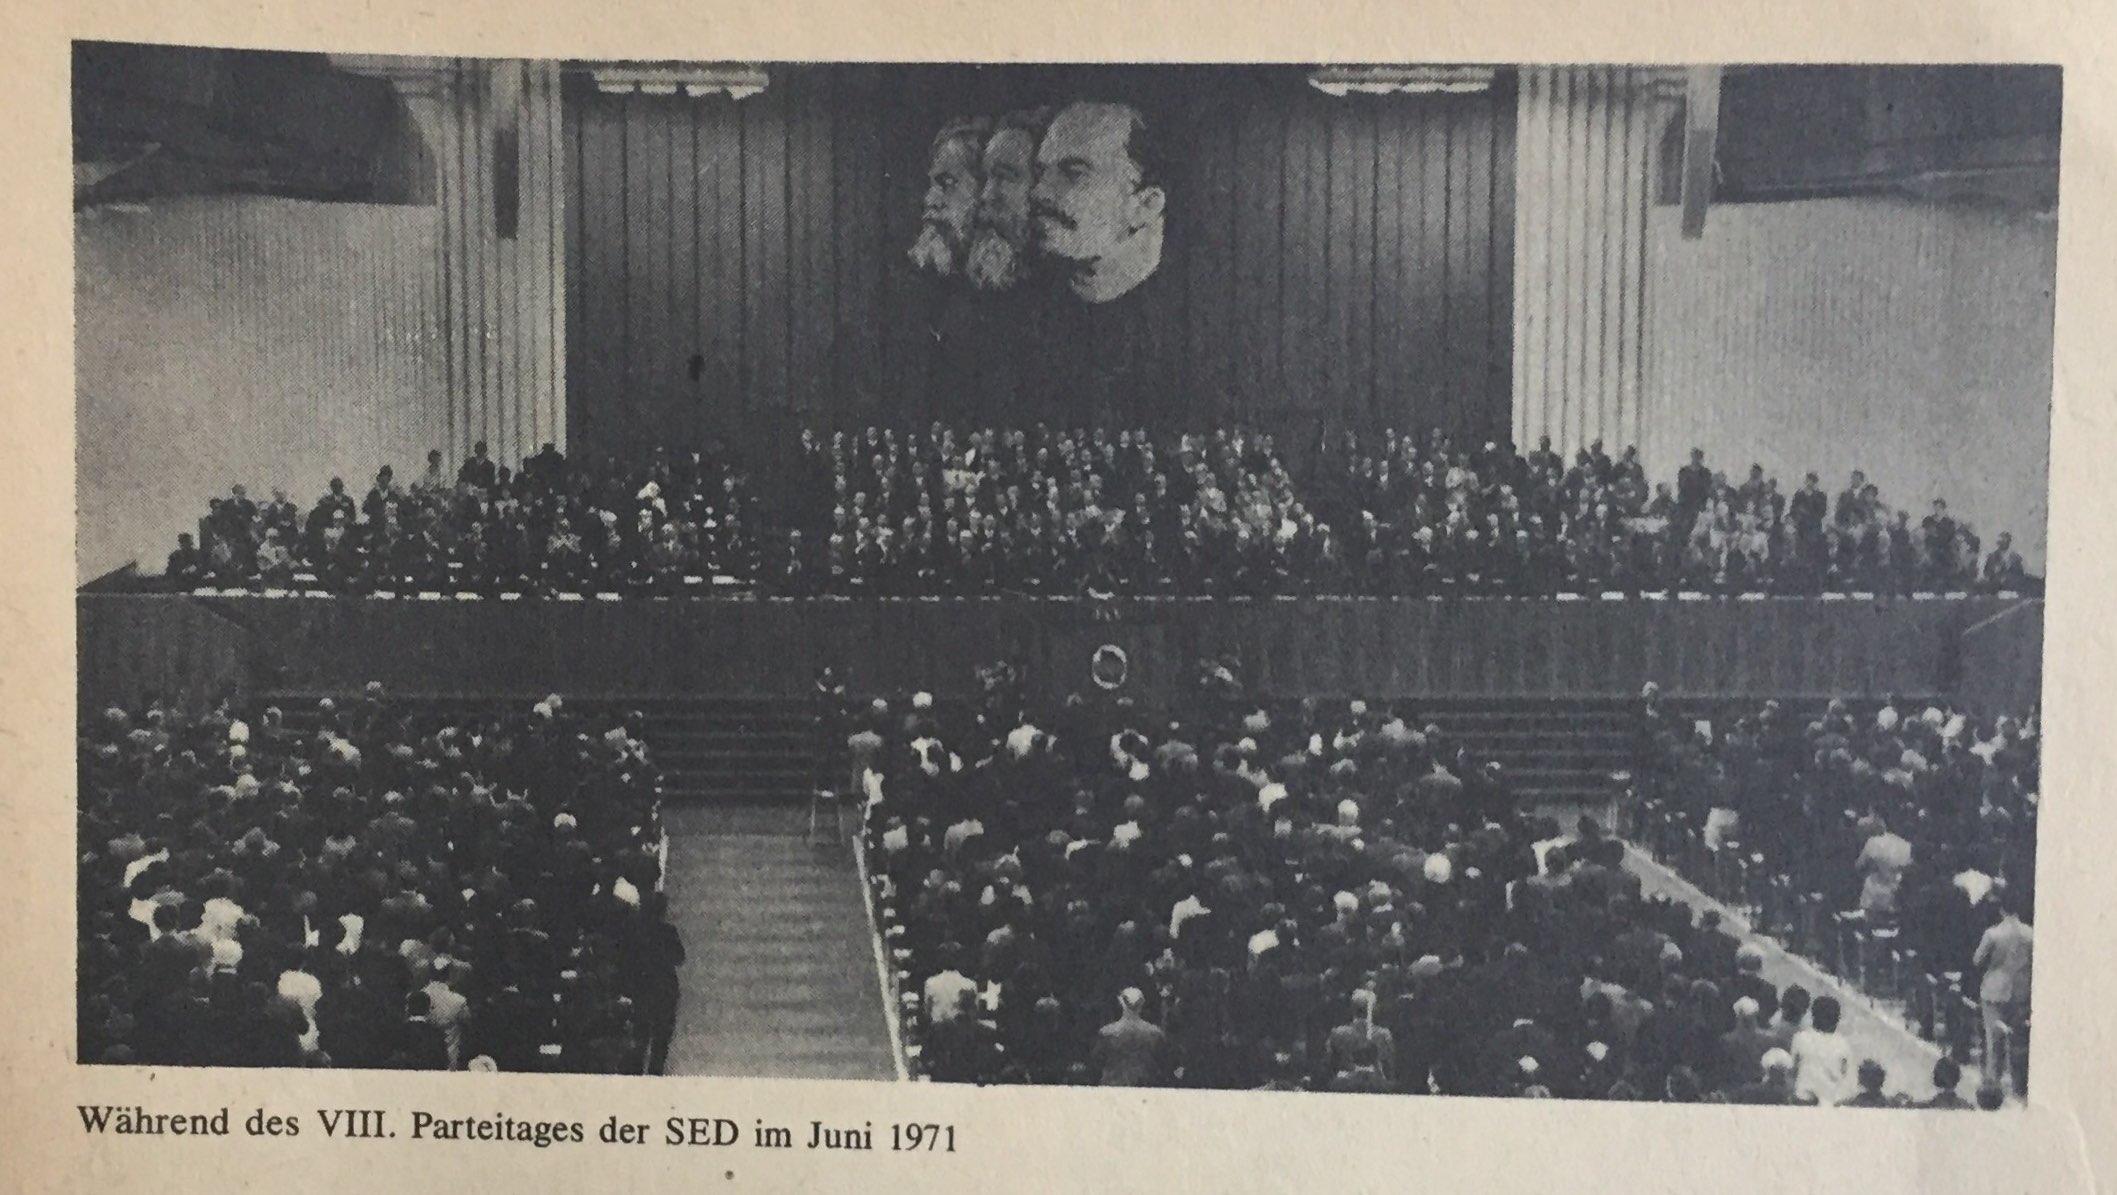 Der VIII. Parteitag der SED und seine Bedeutung